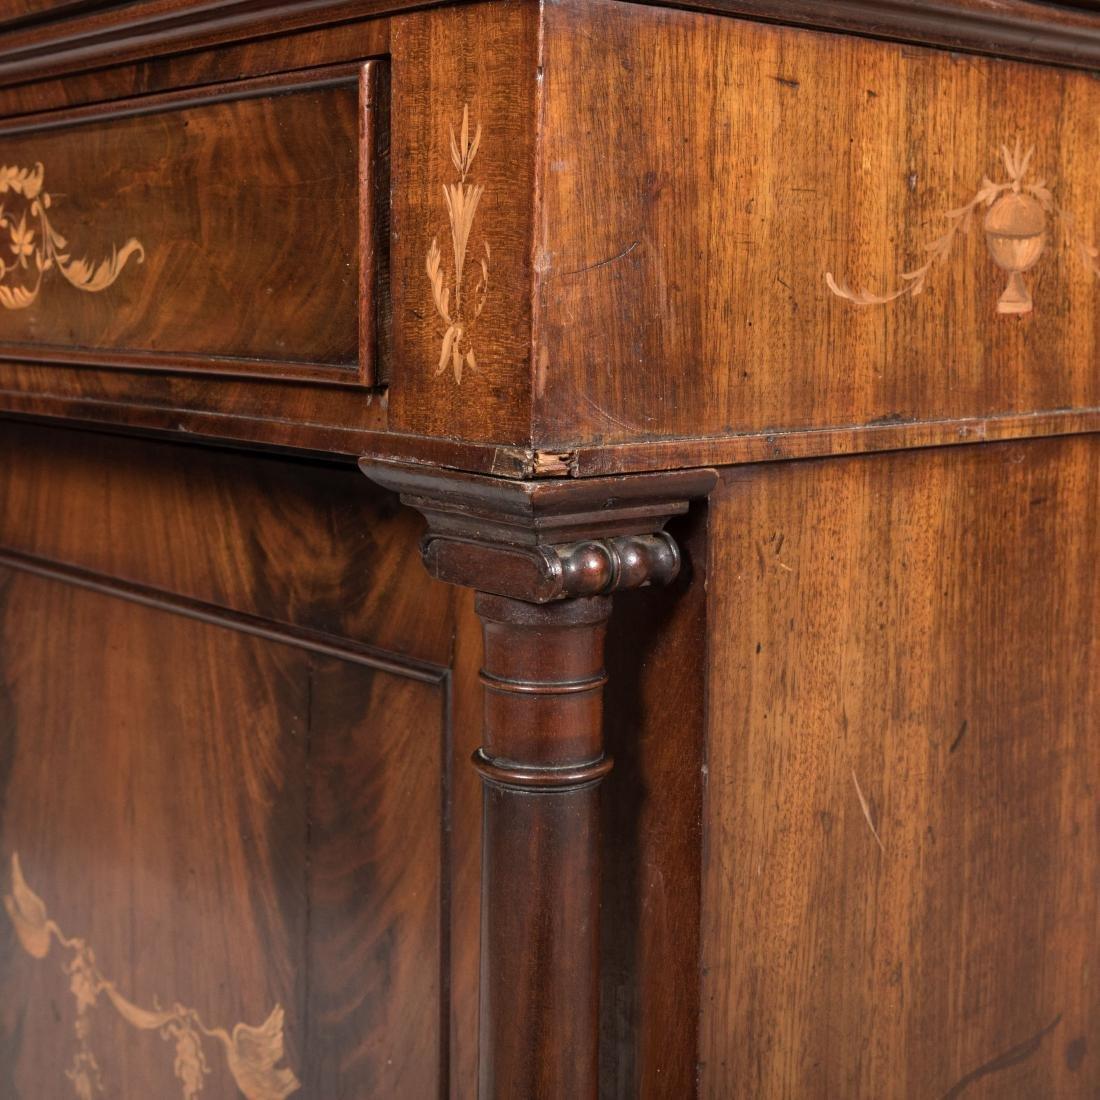 Inlaid Mahogany Antique Cabinet - 9